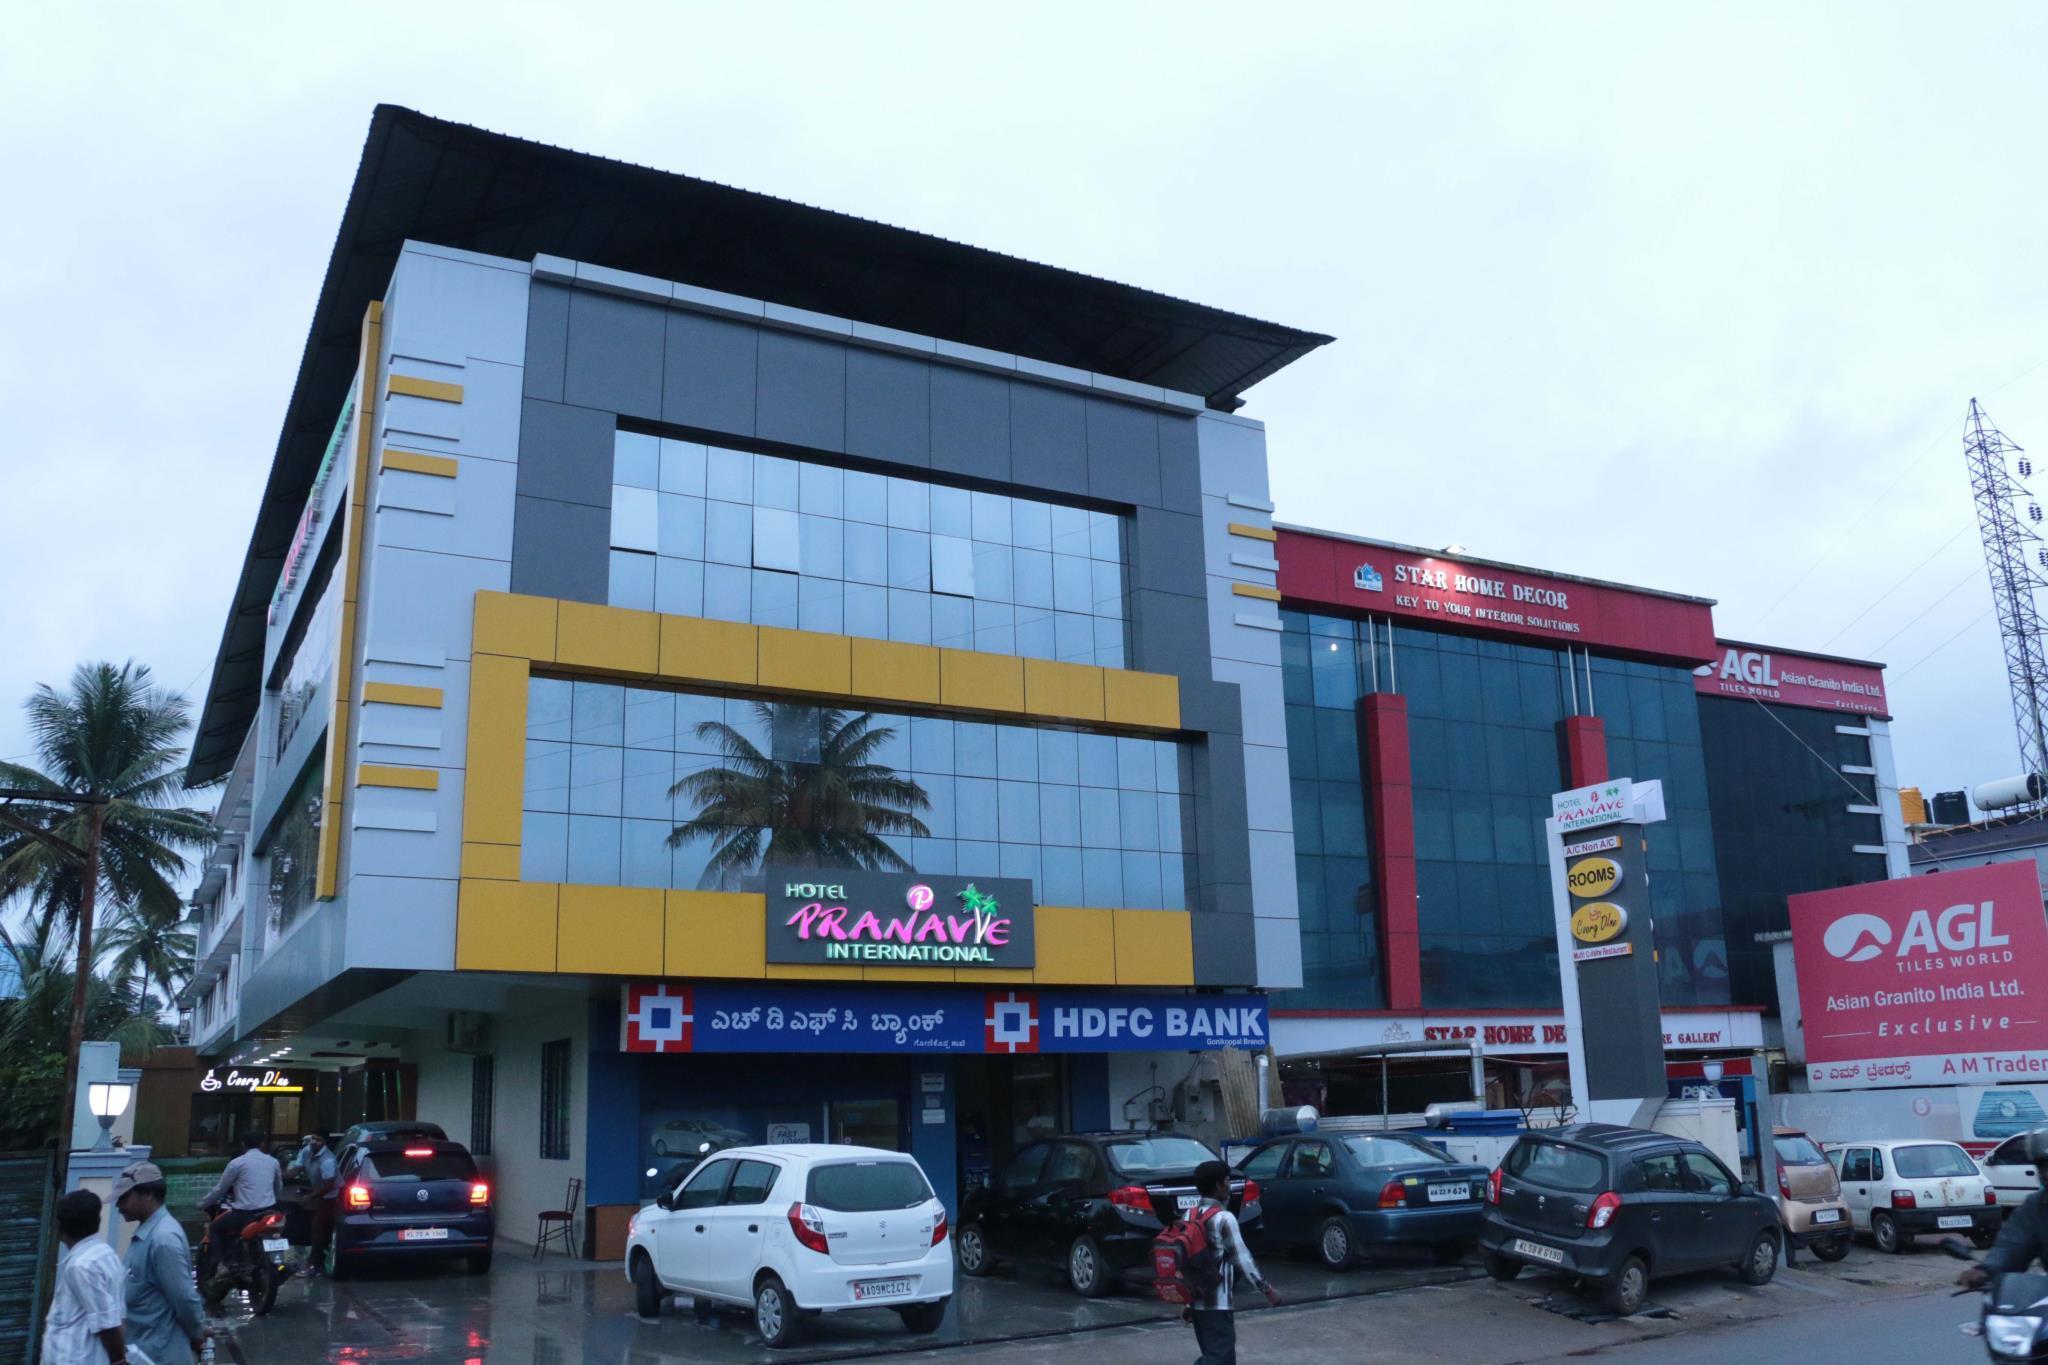 Hotel Pranav International